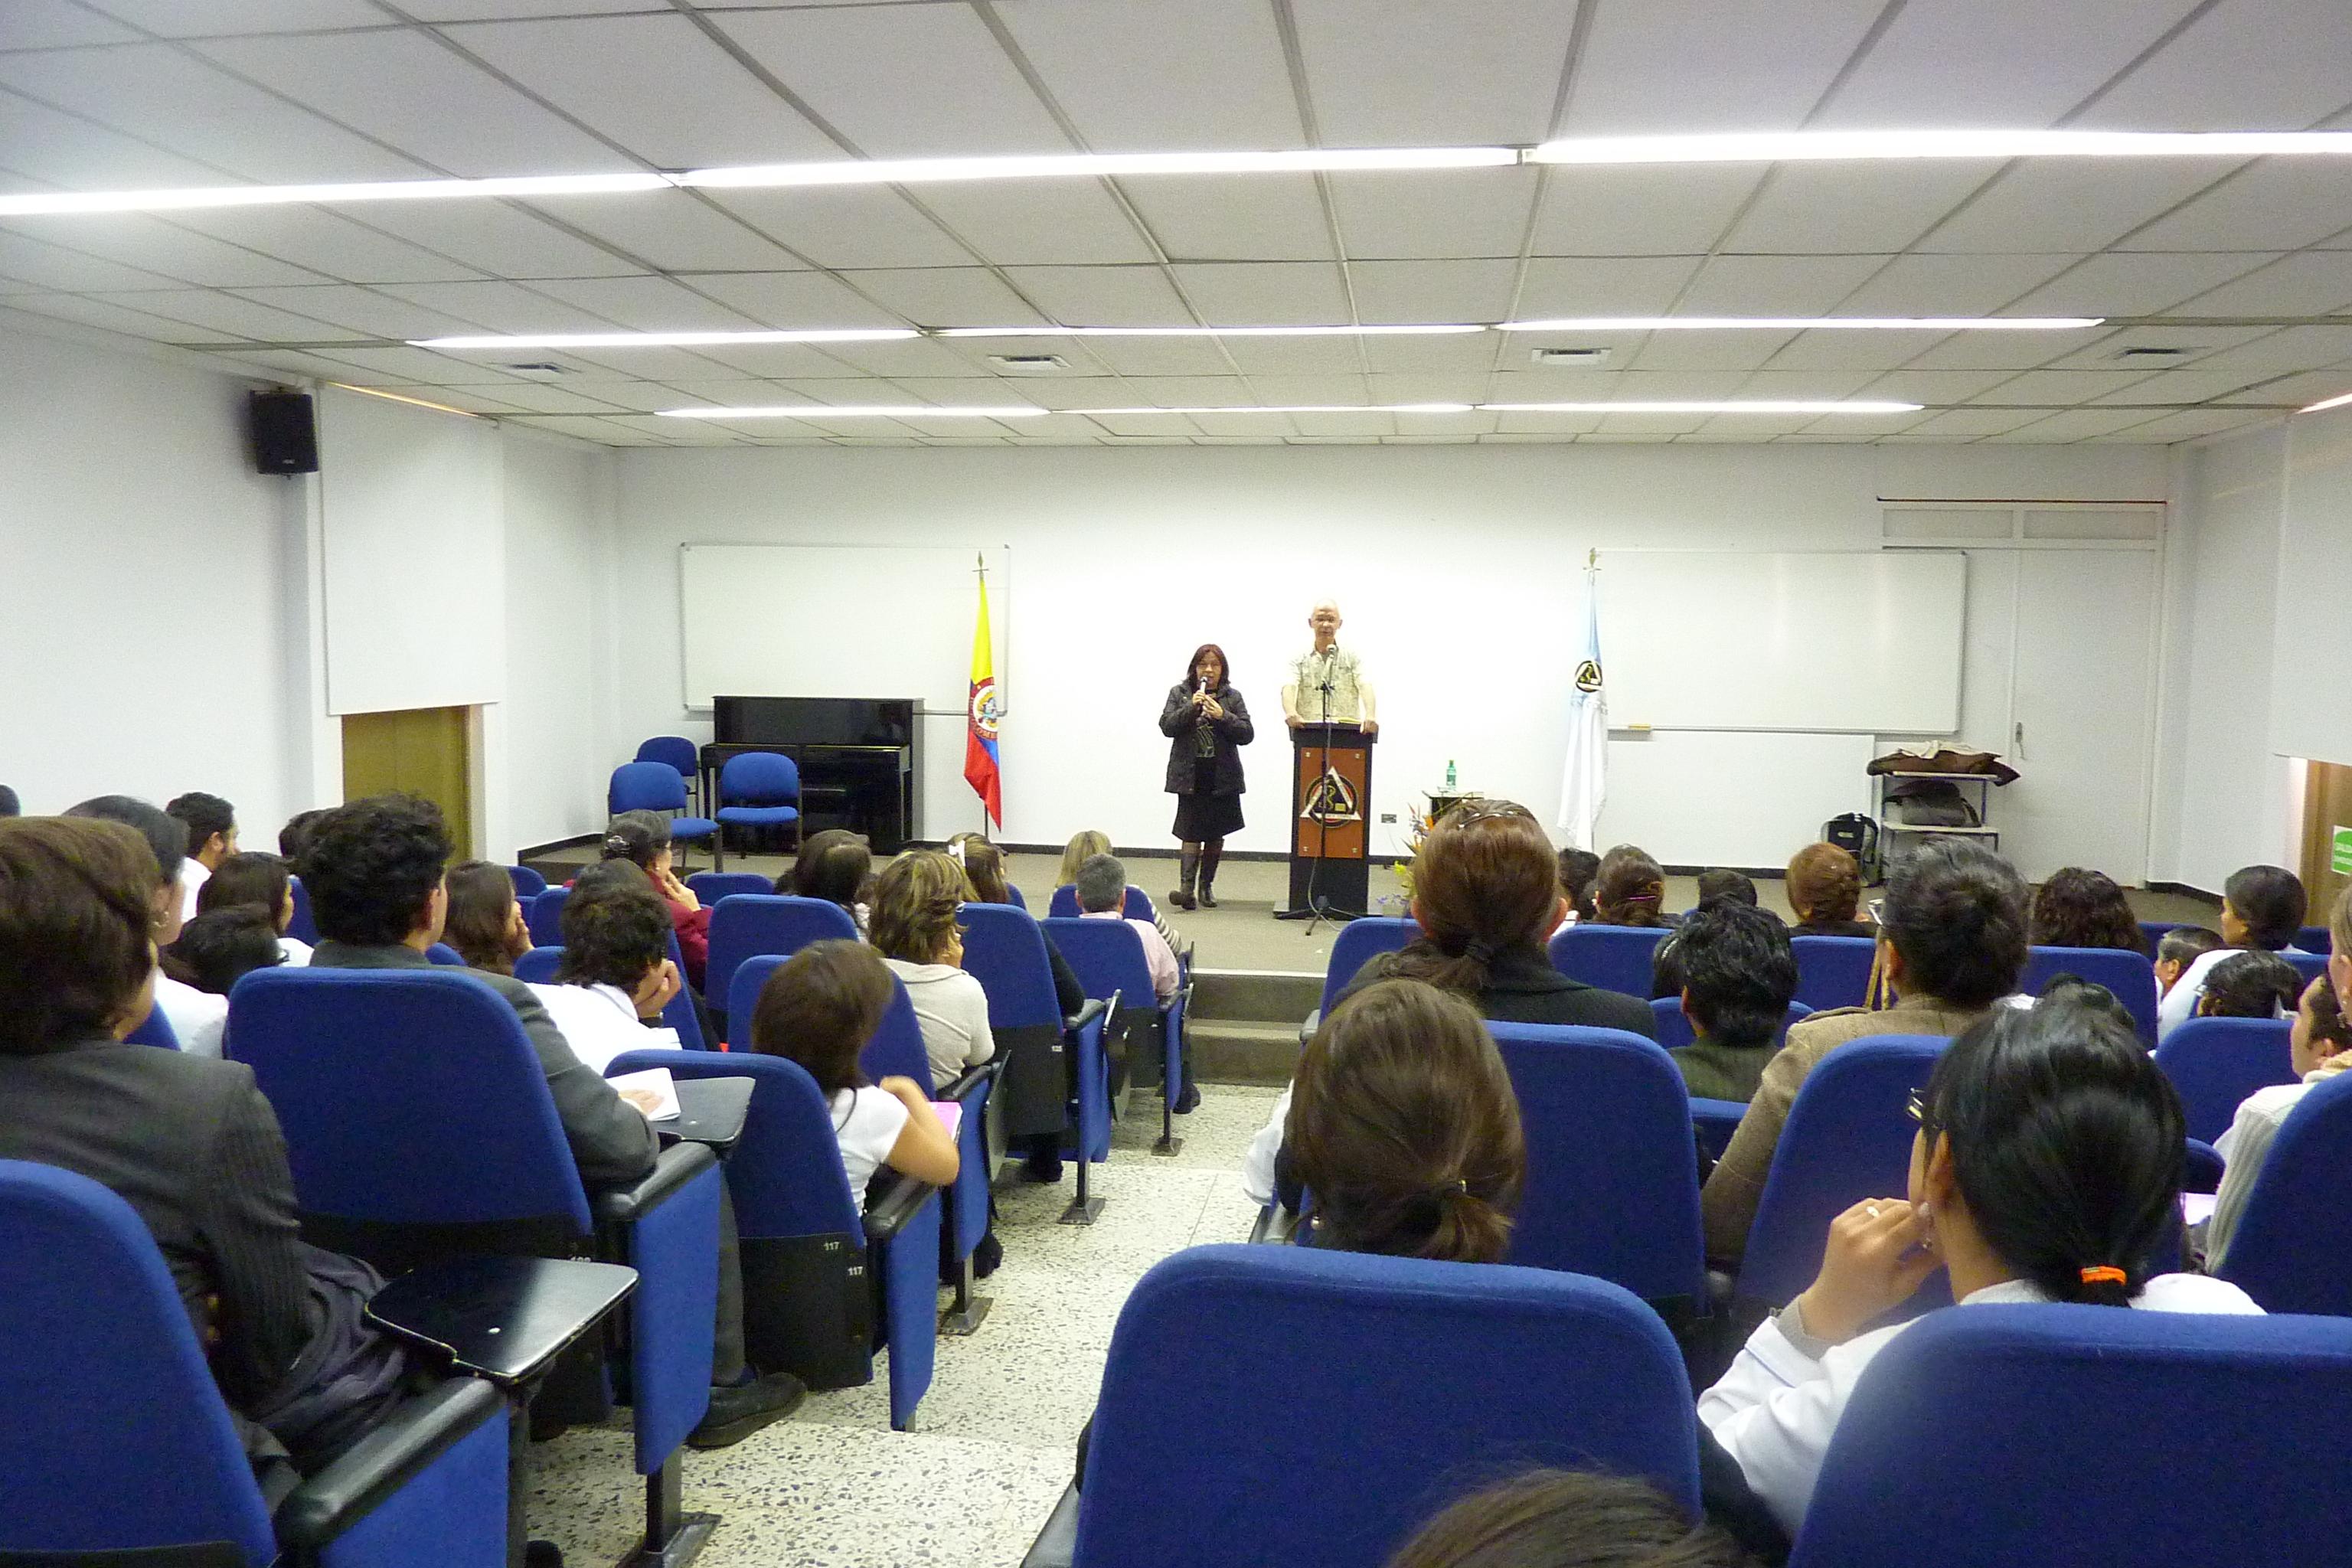 Conferencia de Christian Fleche dictado en la Fundación Universitaria Juan N. Corpas